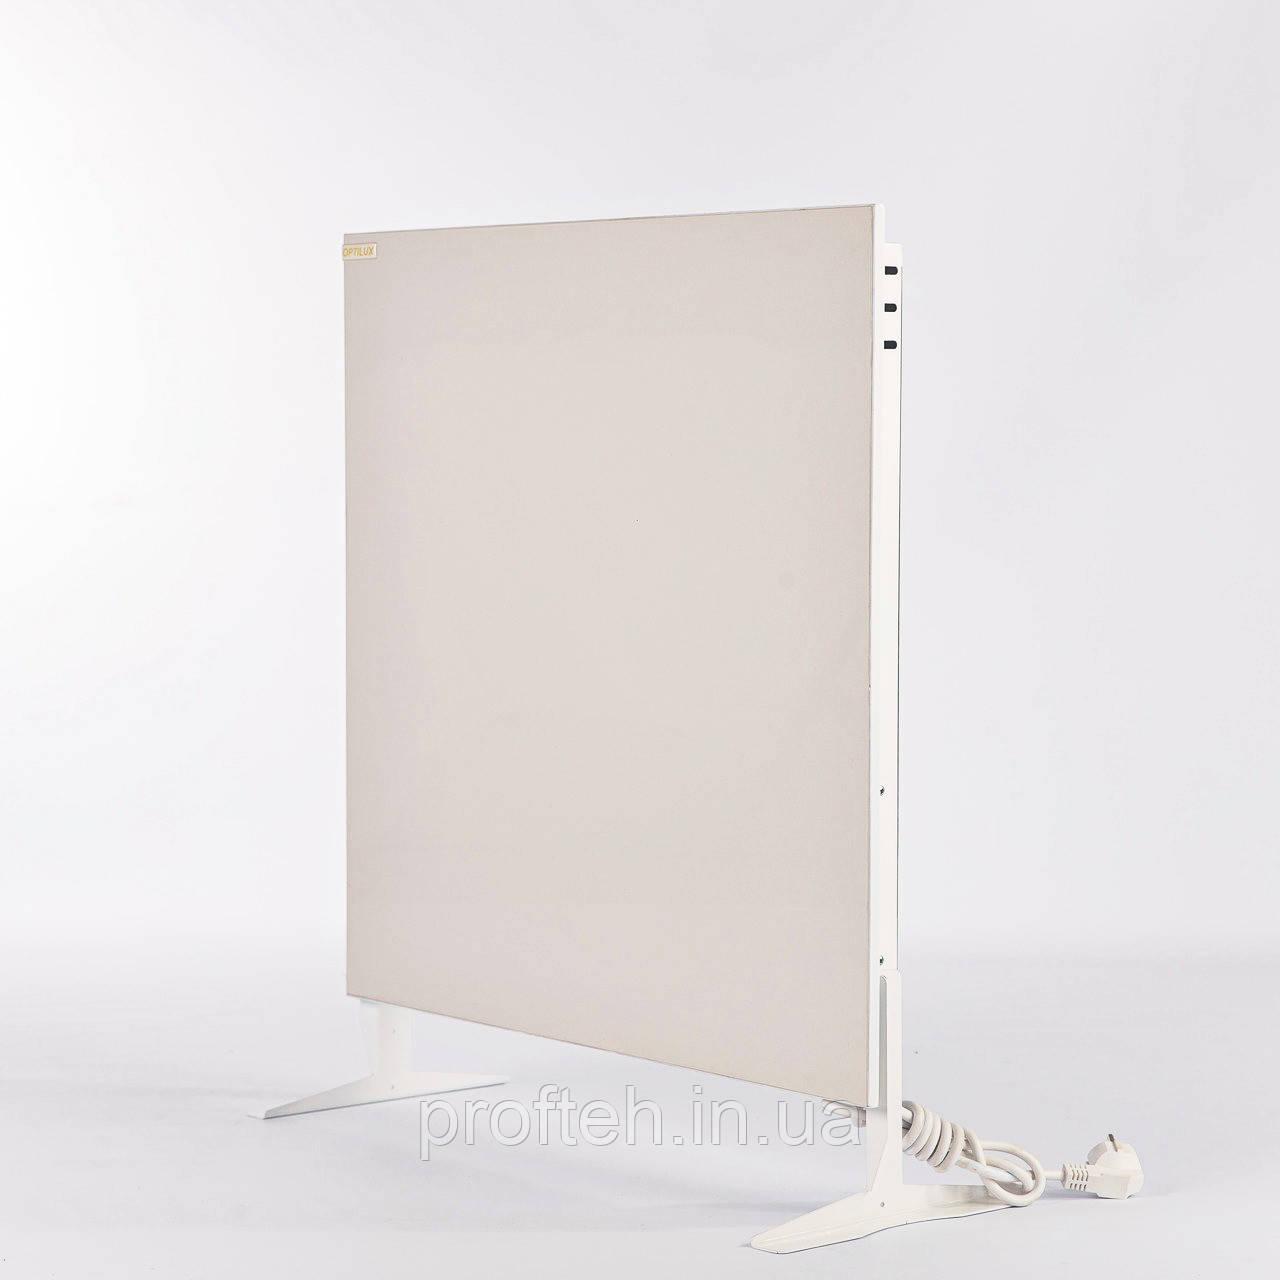 Керамічний обігрівач Optilux К700НВ (білий)